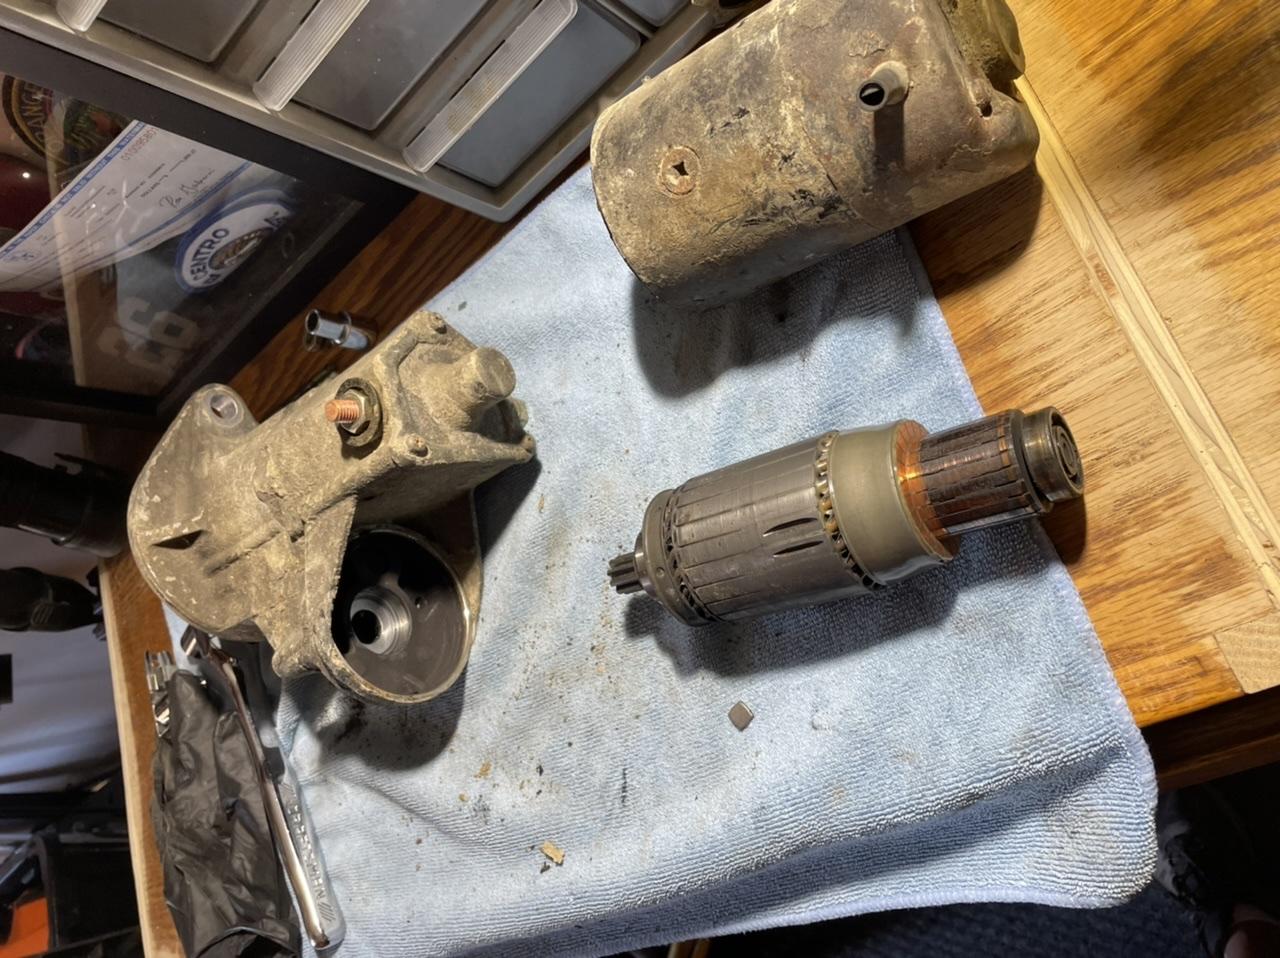 78D7C52A-6A87-4BEF-82E9-A96D87EC3B55.jpeg